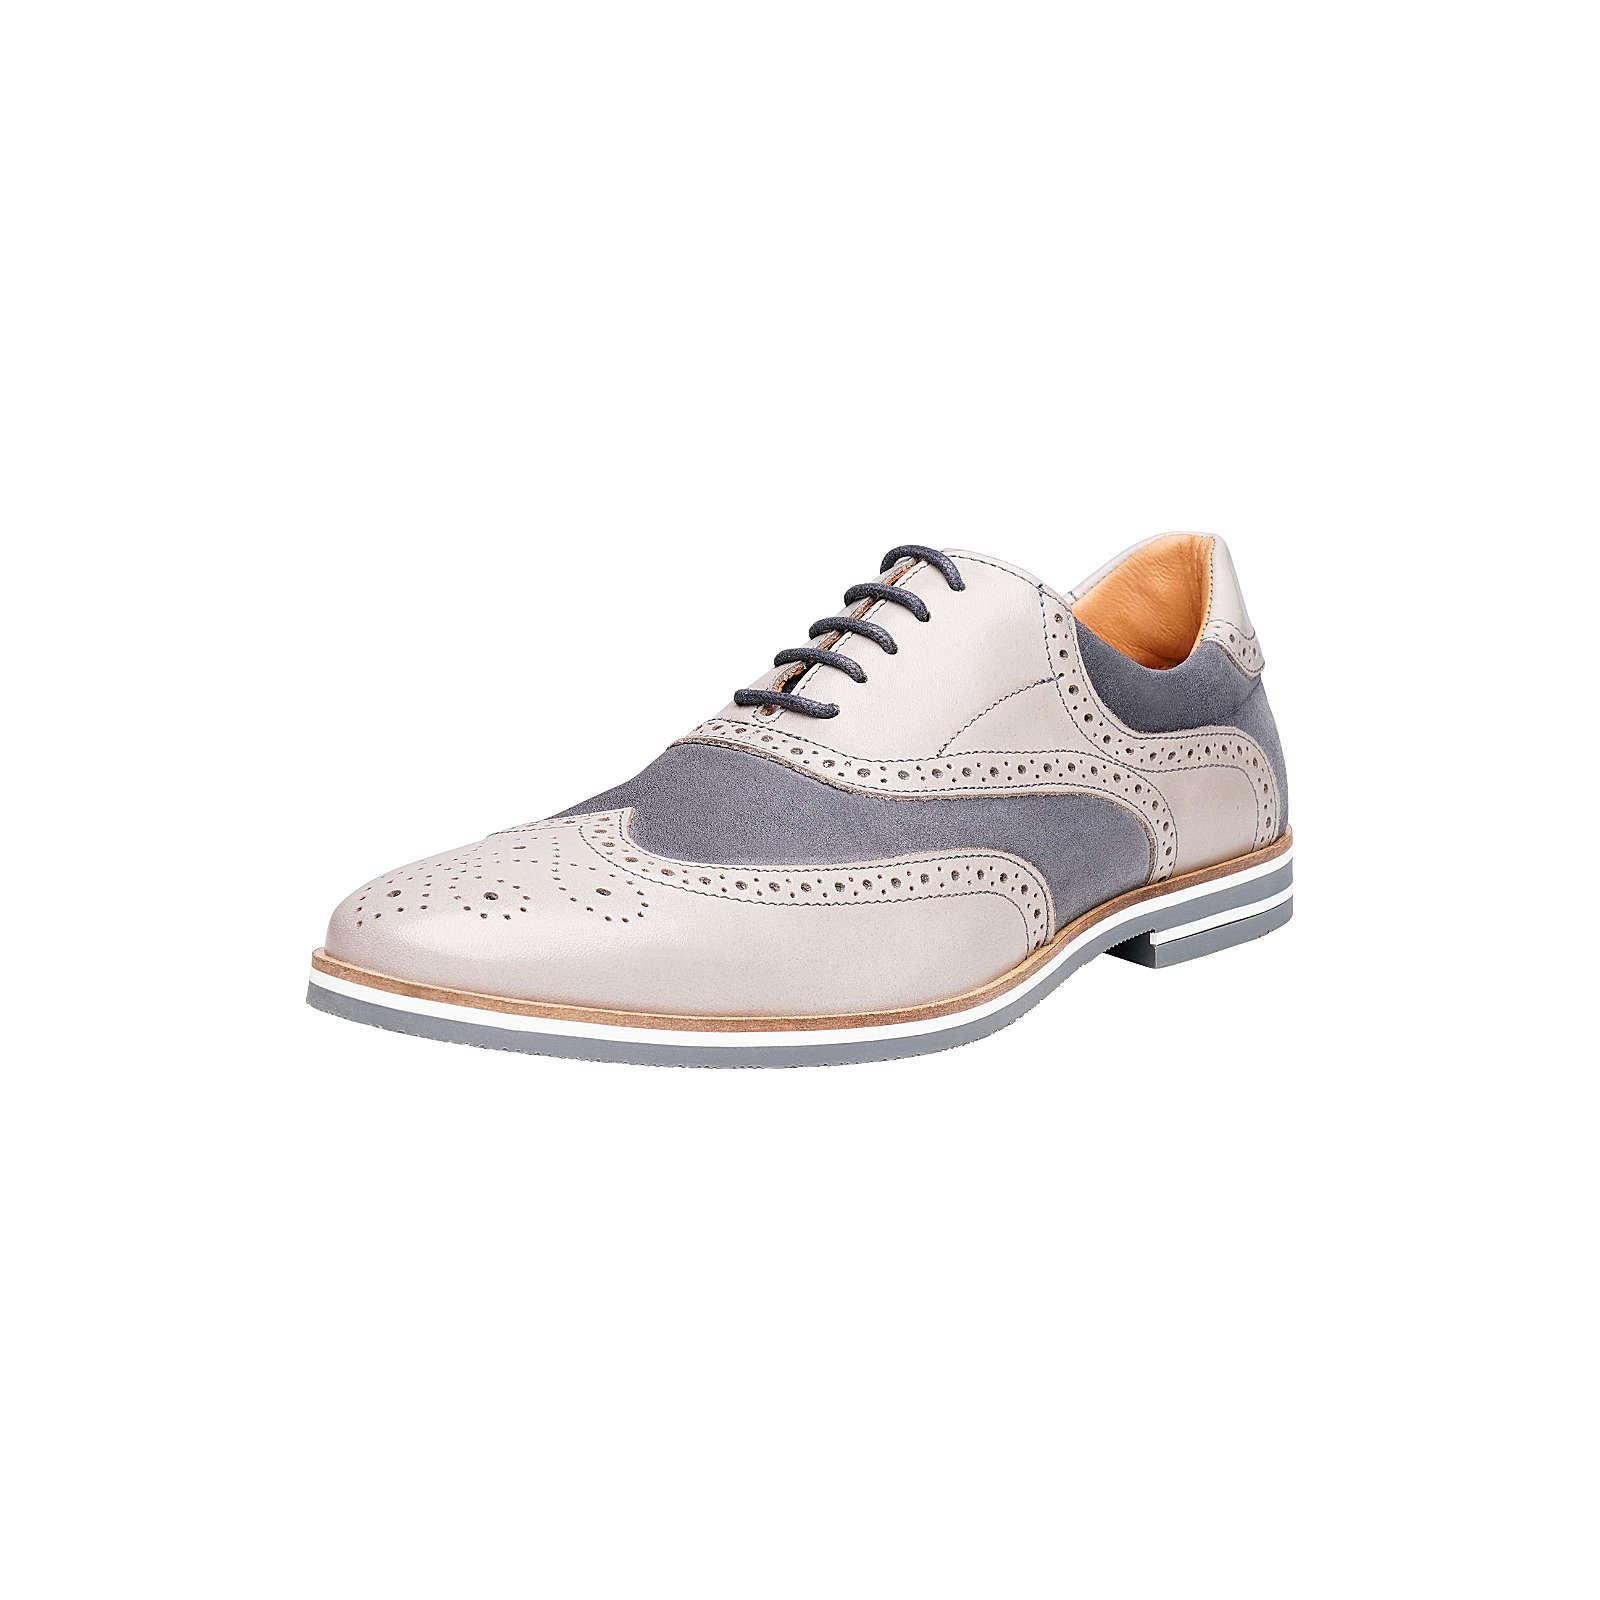 Shoepassion Halbschuhe No. 5302 Klassische Halbschuhe grau Herren Gr. 42